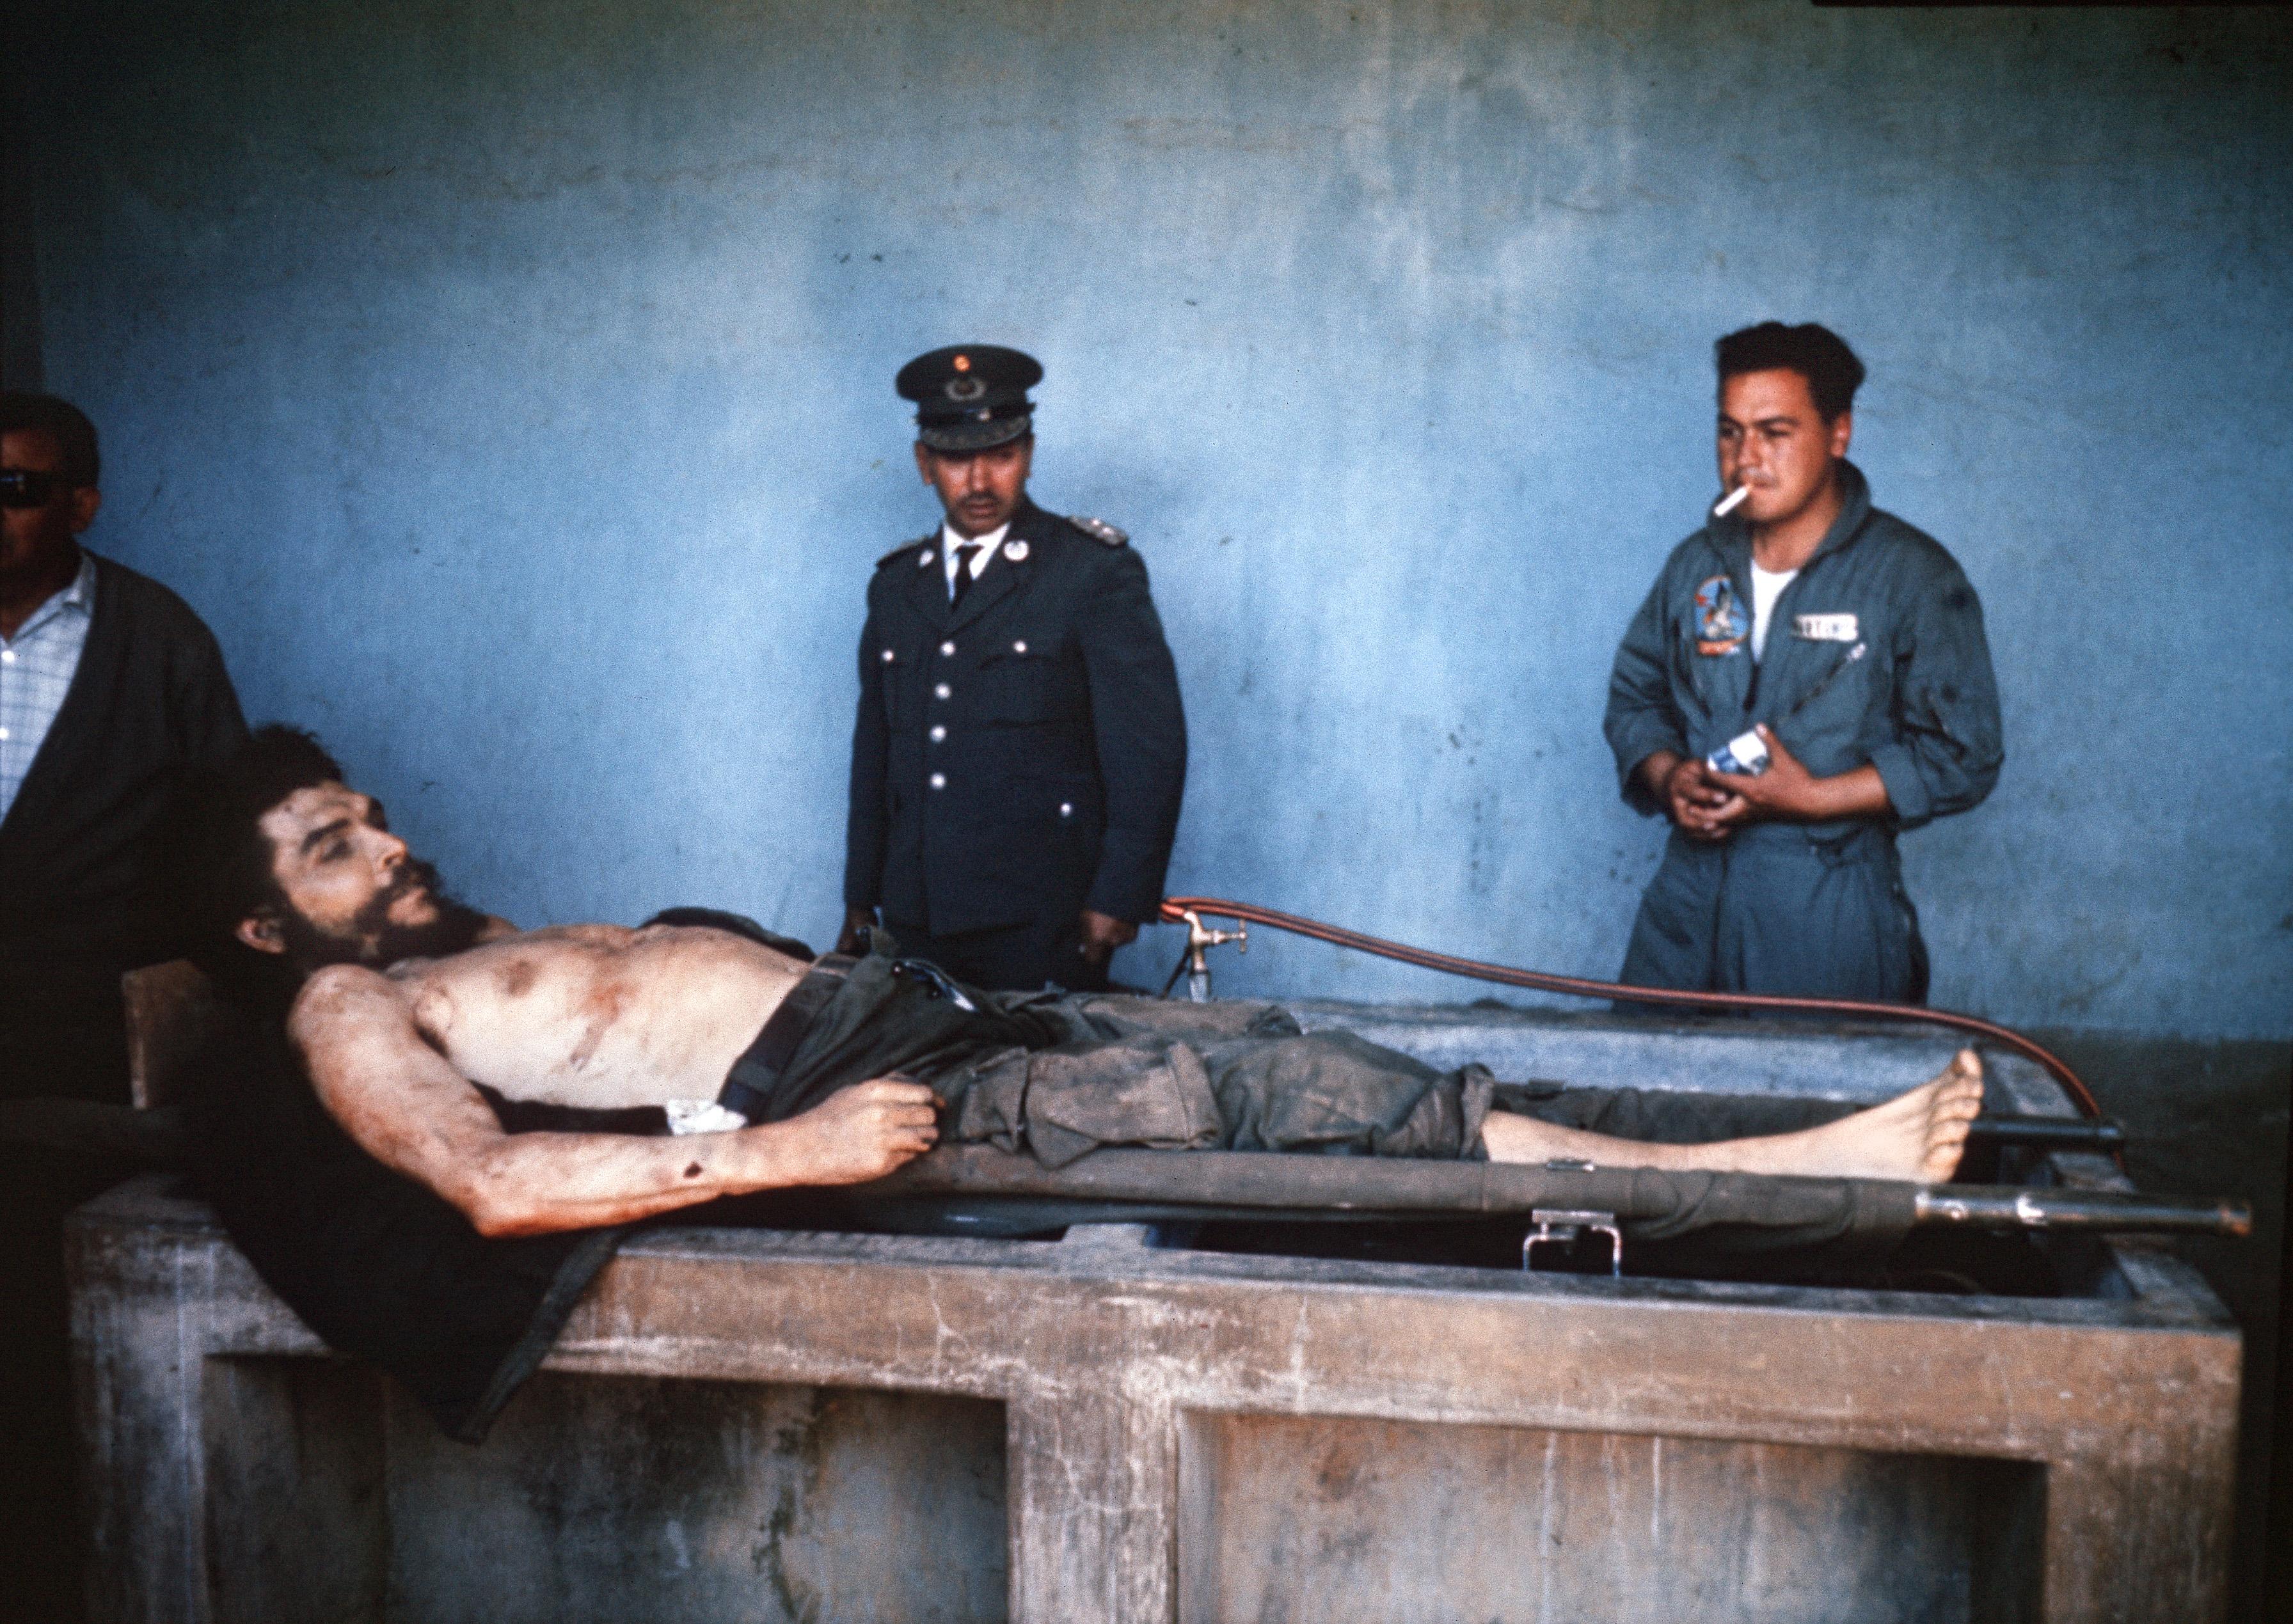 1967年10月10日切‧格瓦拉的屍體被展示,最為人道的是即使當時被射殺,仍面露微笑。他當時曾跟要開槍的士兵說:「我知道你要在這裡殺我。開槍吧!懦夫,你只不過是殺了一個人。」(Getty Images)